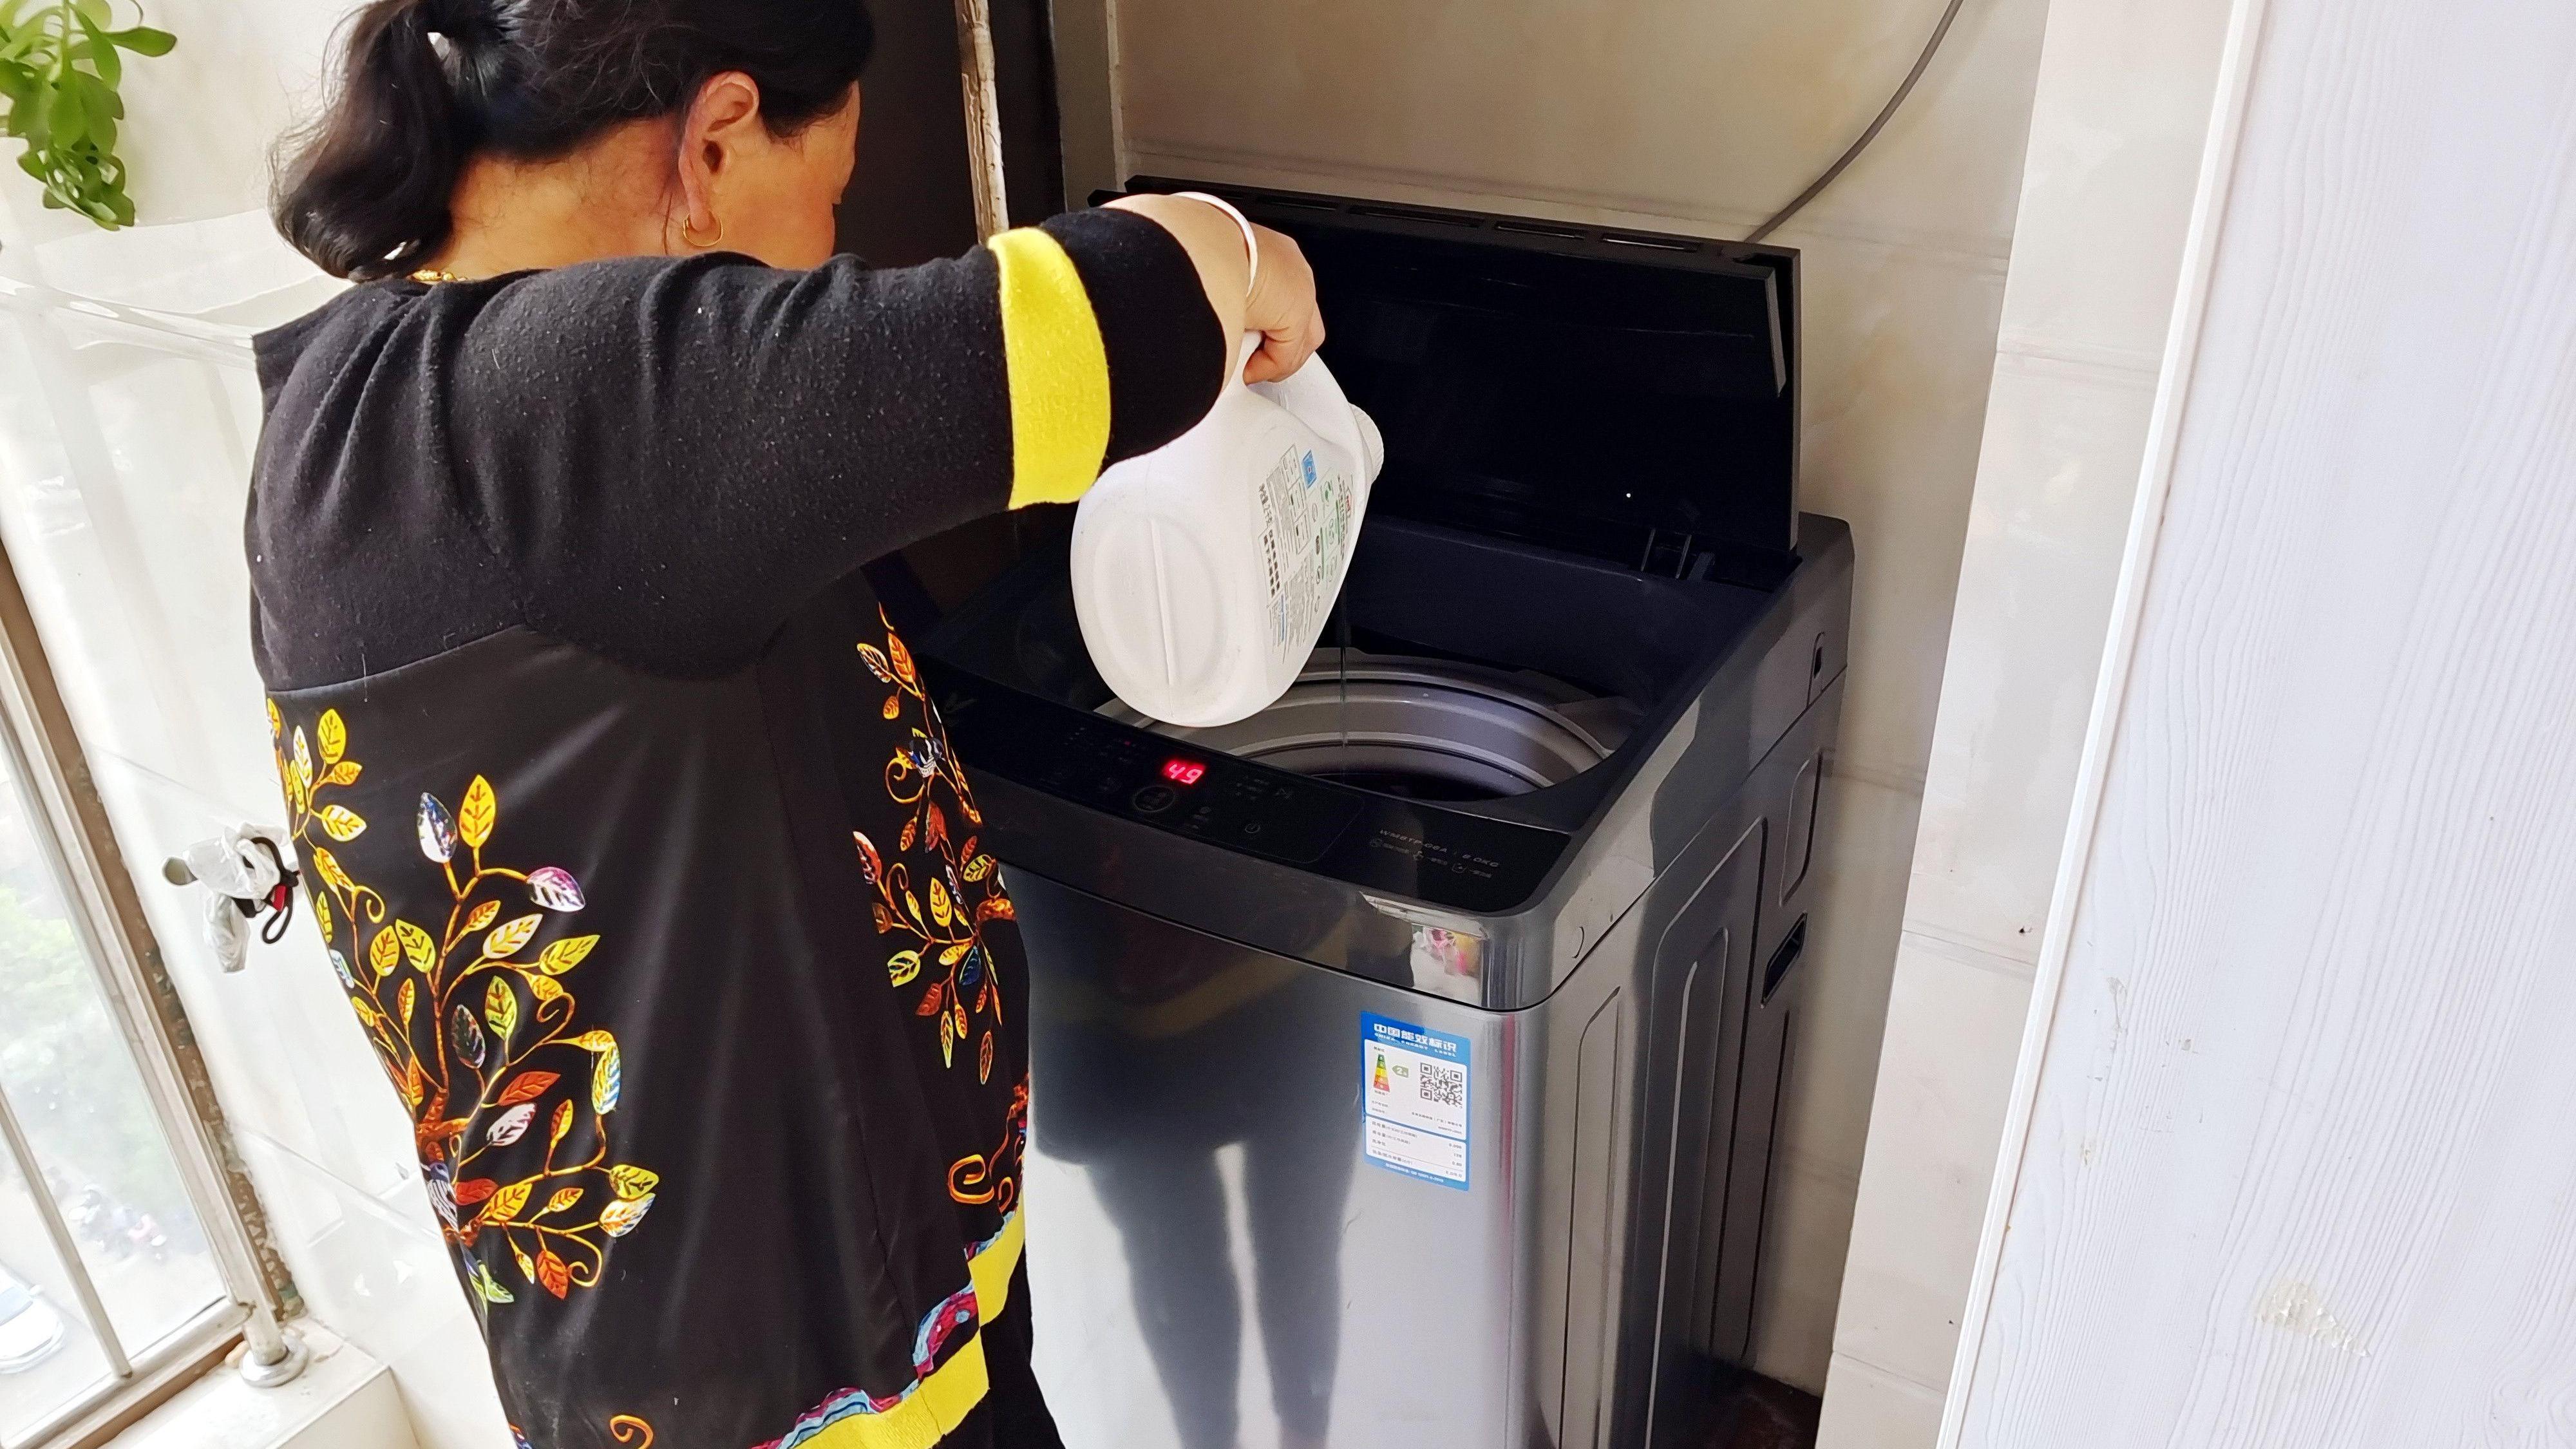 这款几百元的波轮洗衣机并不比滚筒差,云米智能波轮洗衣机轻评测